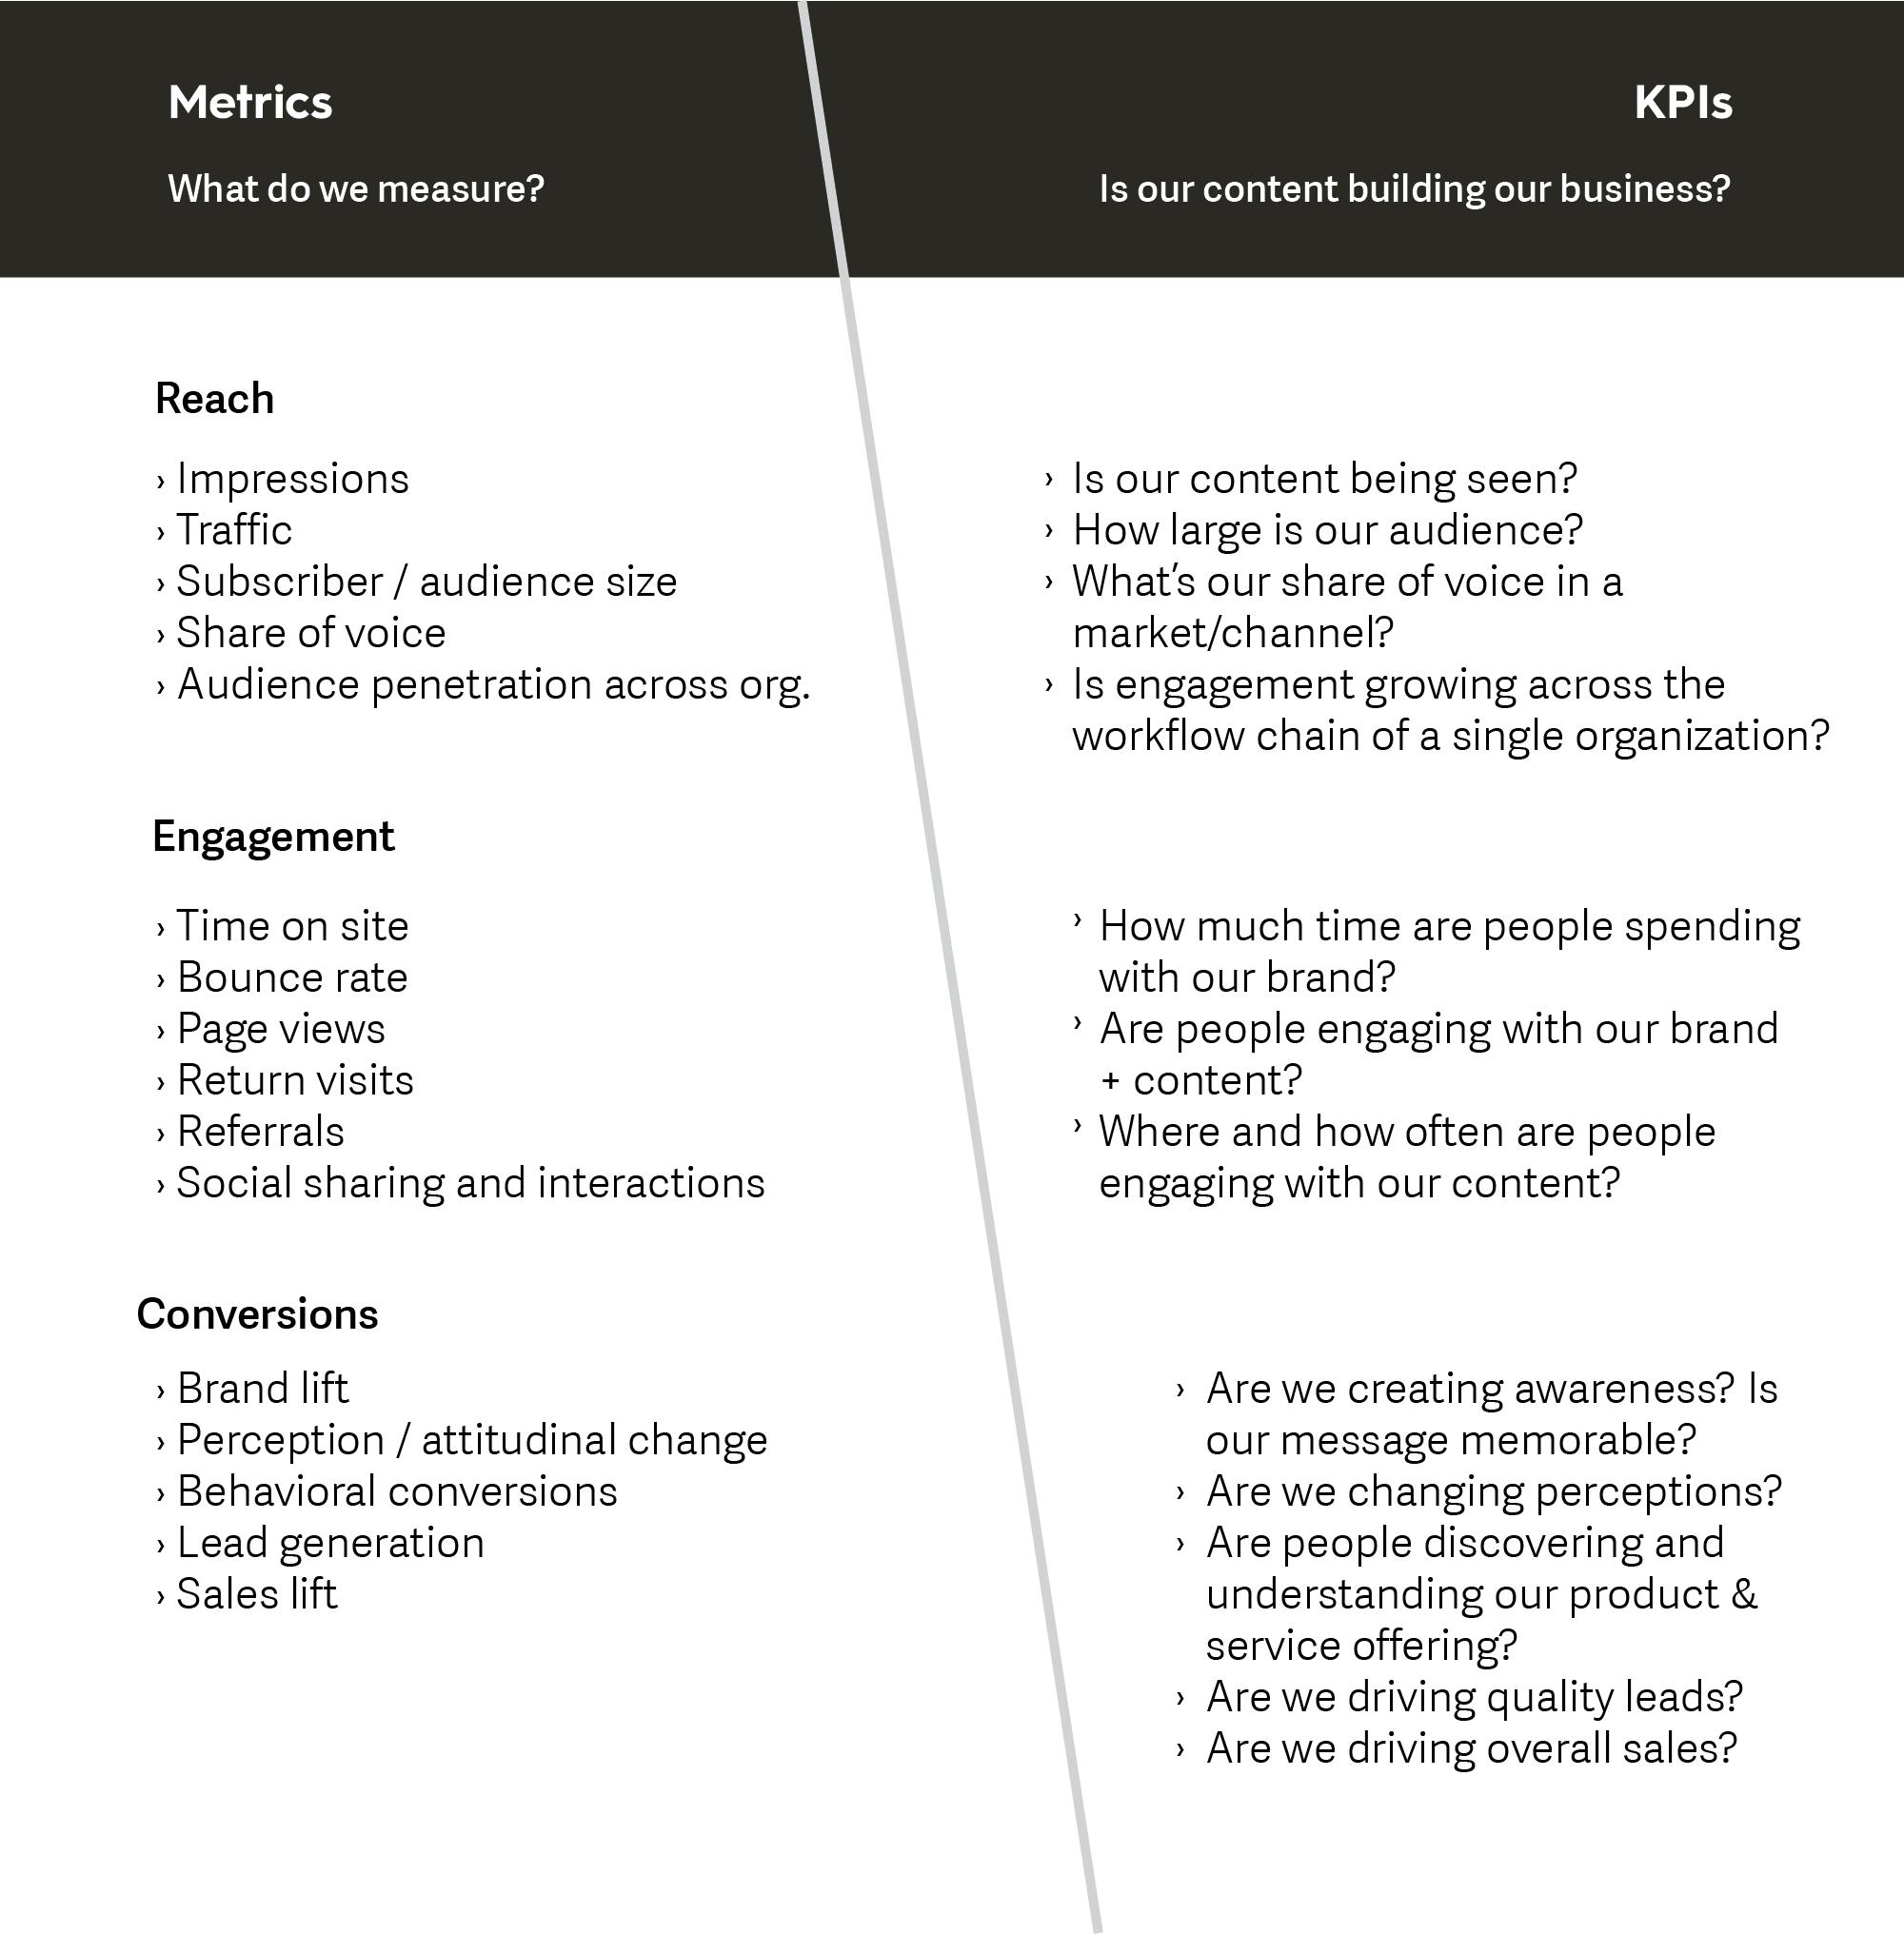 Metrics and KPIs.png